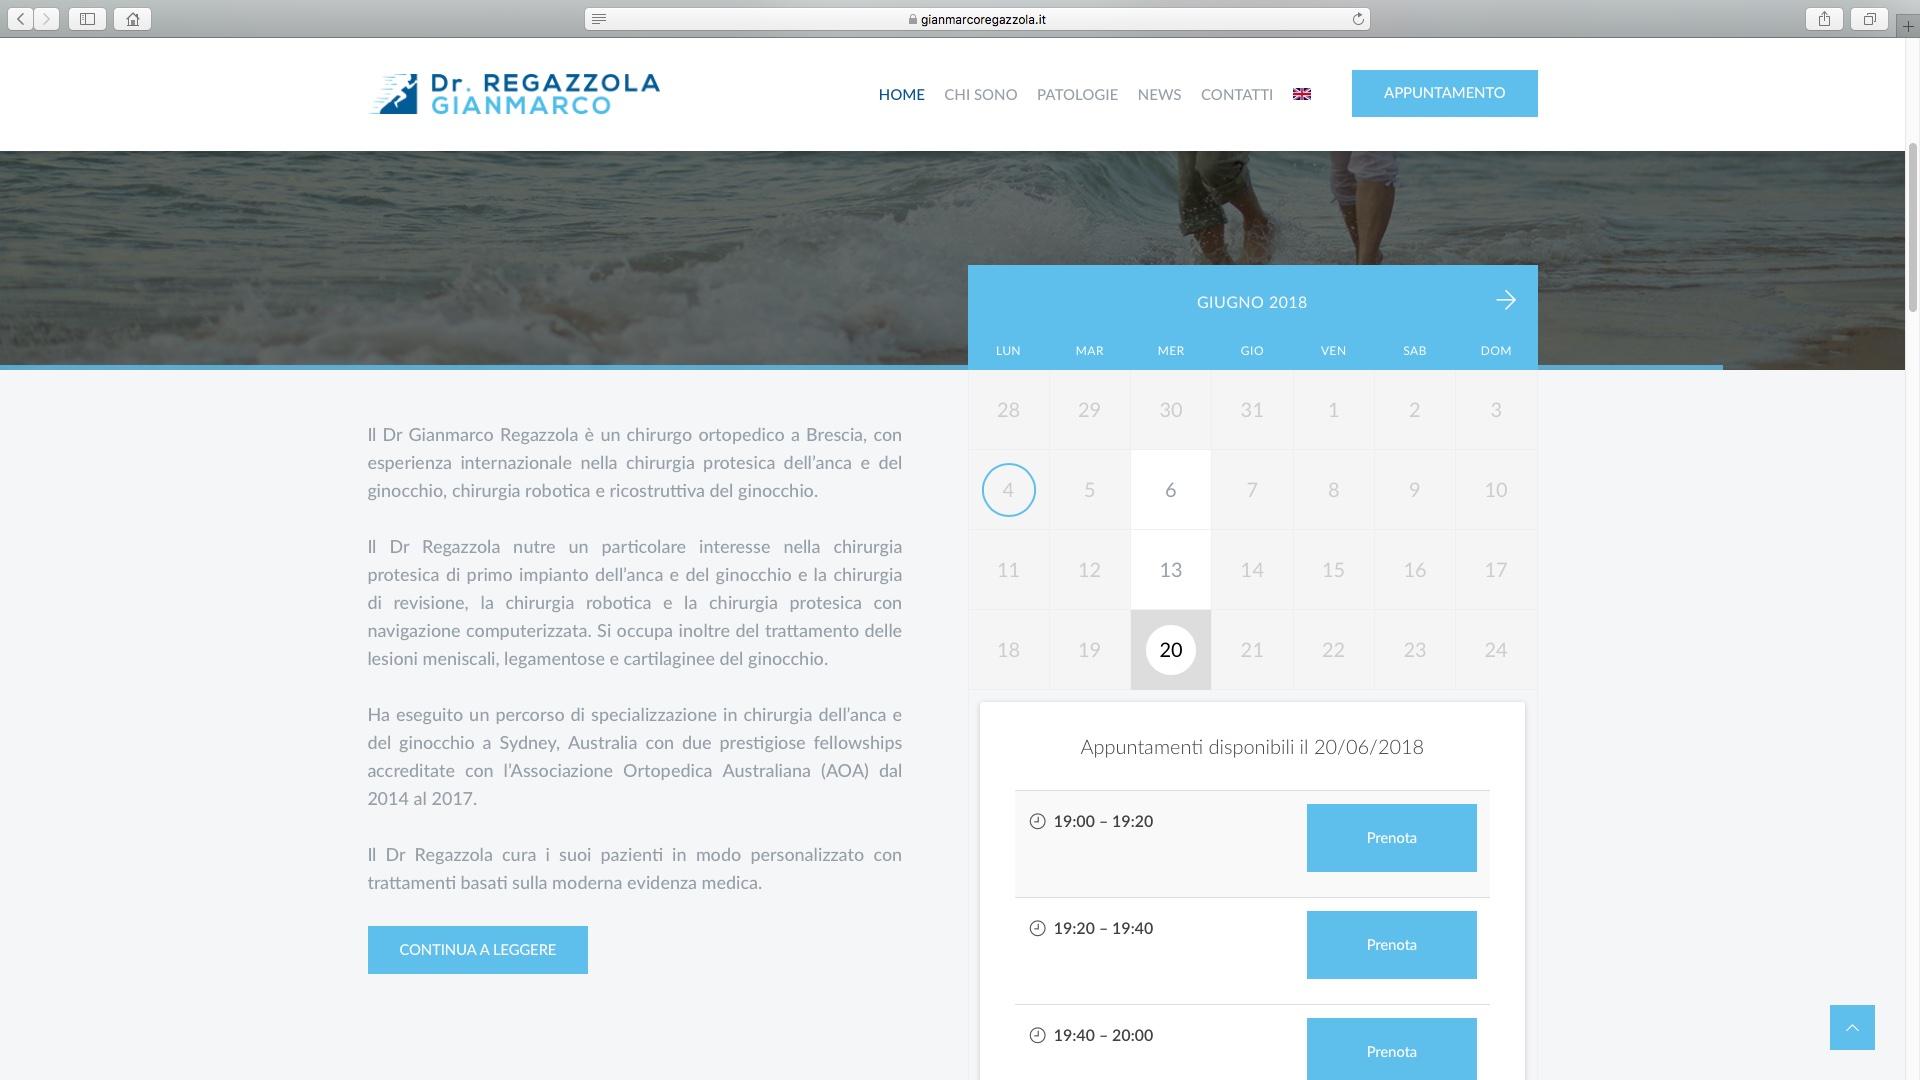 sito-web-dottore-medico-chirurgo-specialista-brescia-qappuccino_02